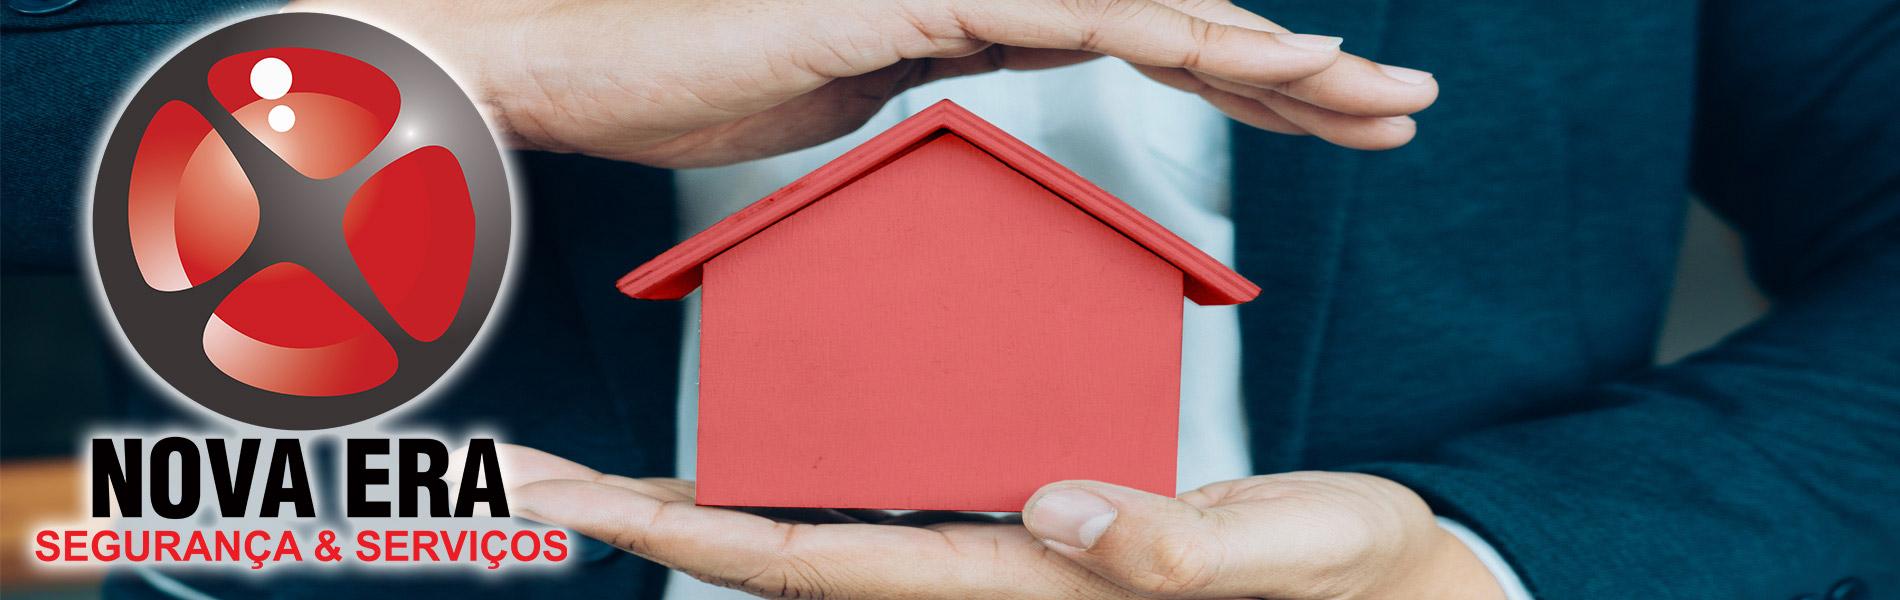 Segurança Residencial e Empresarial